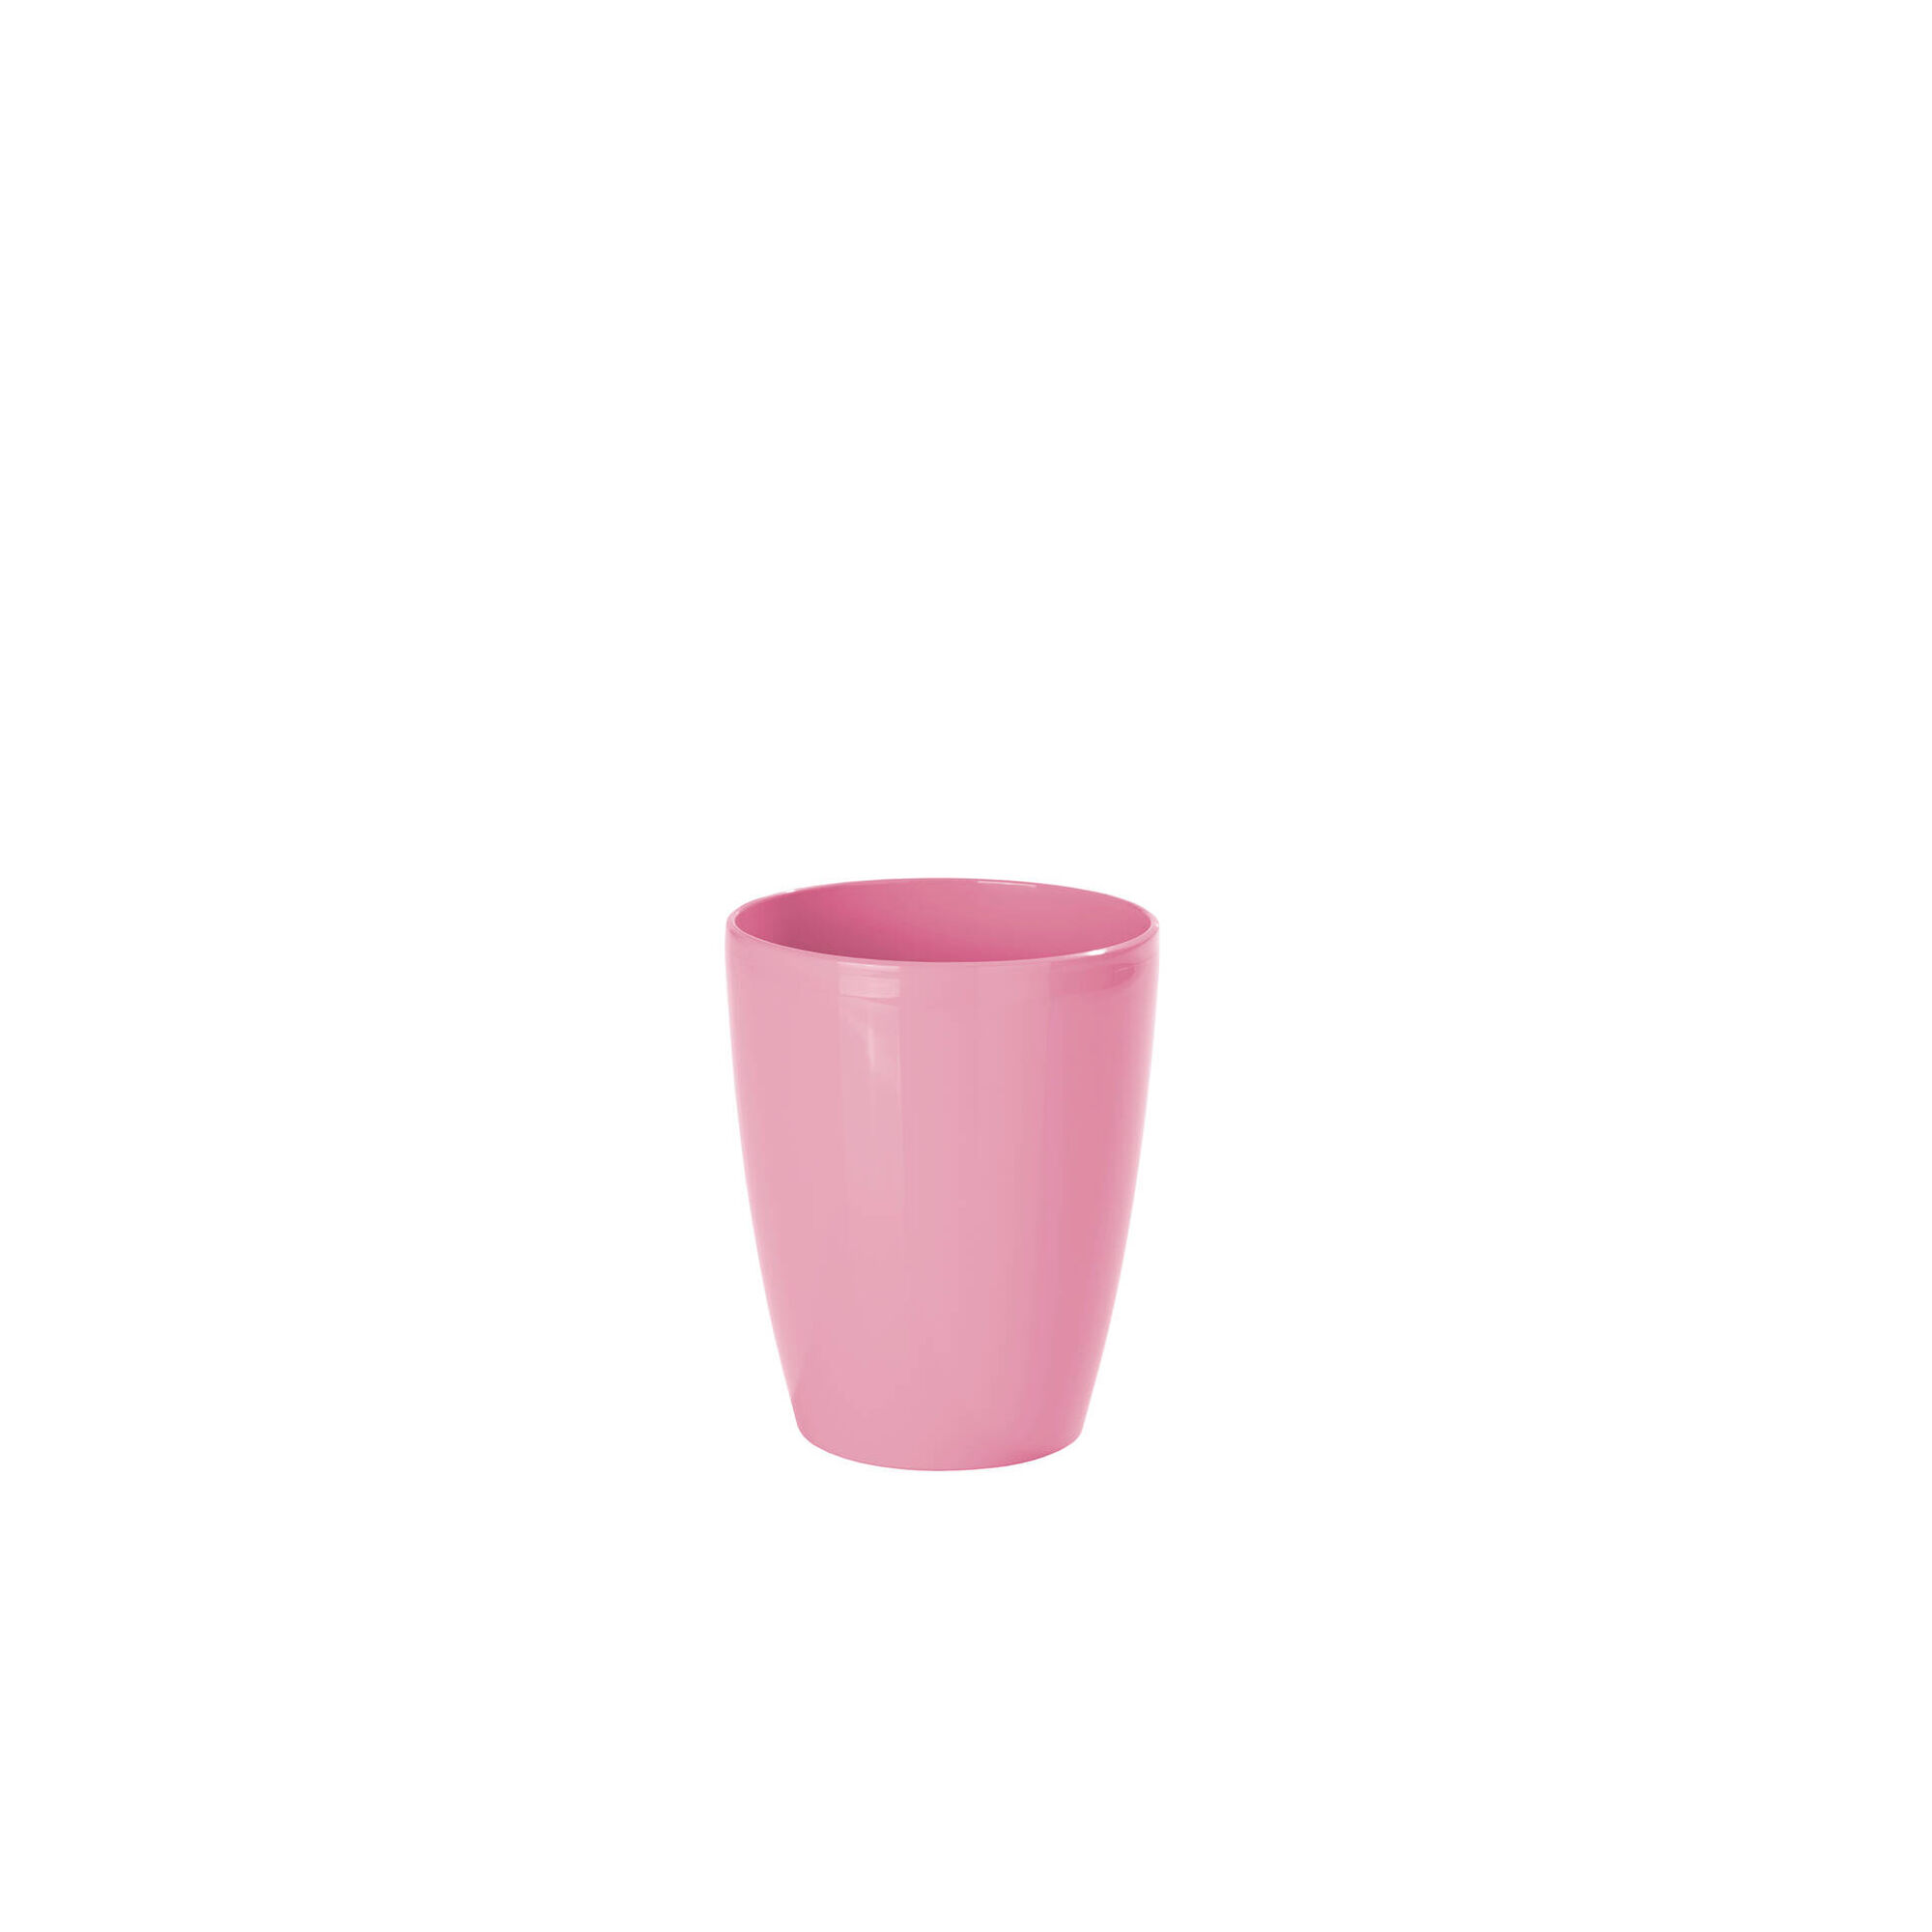 Vaso Redondo Plástico 13cm Rosa